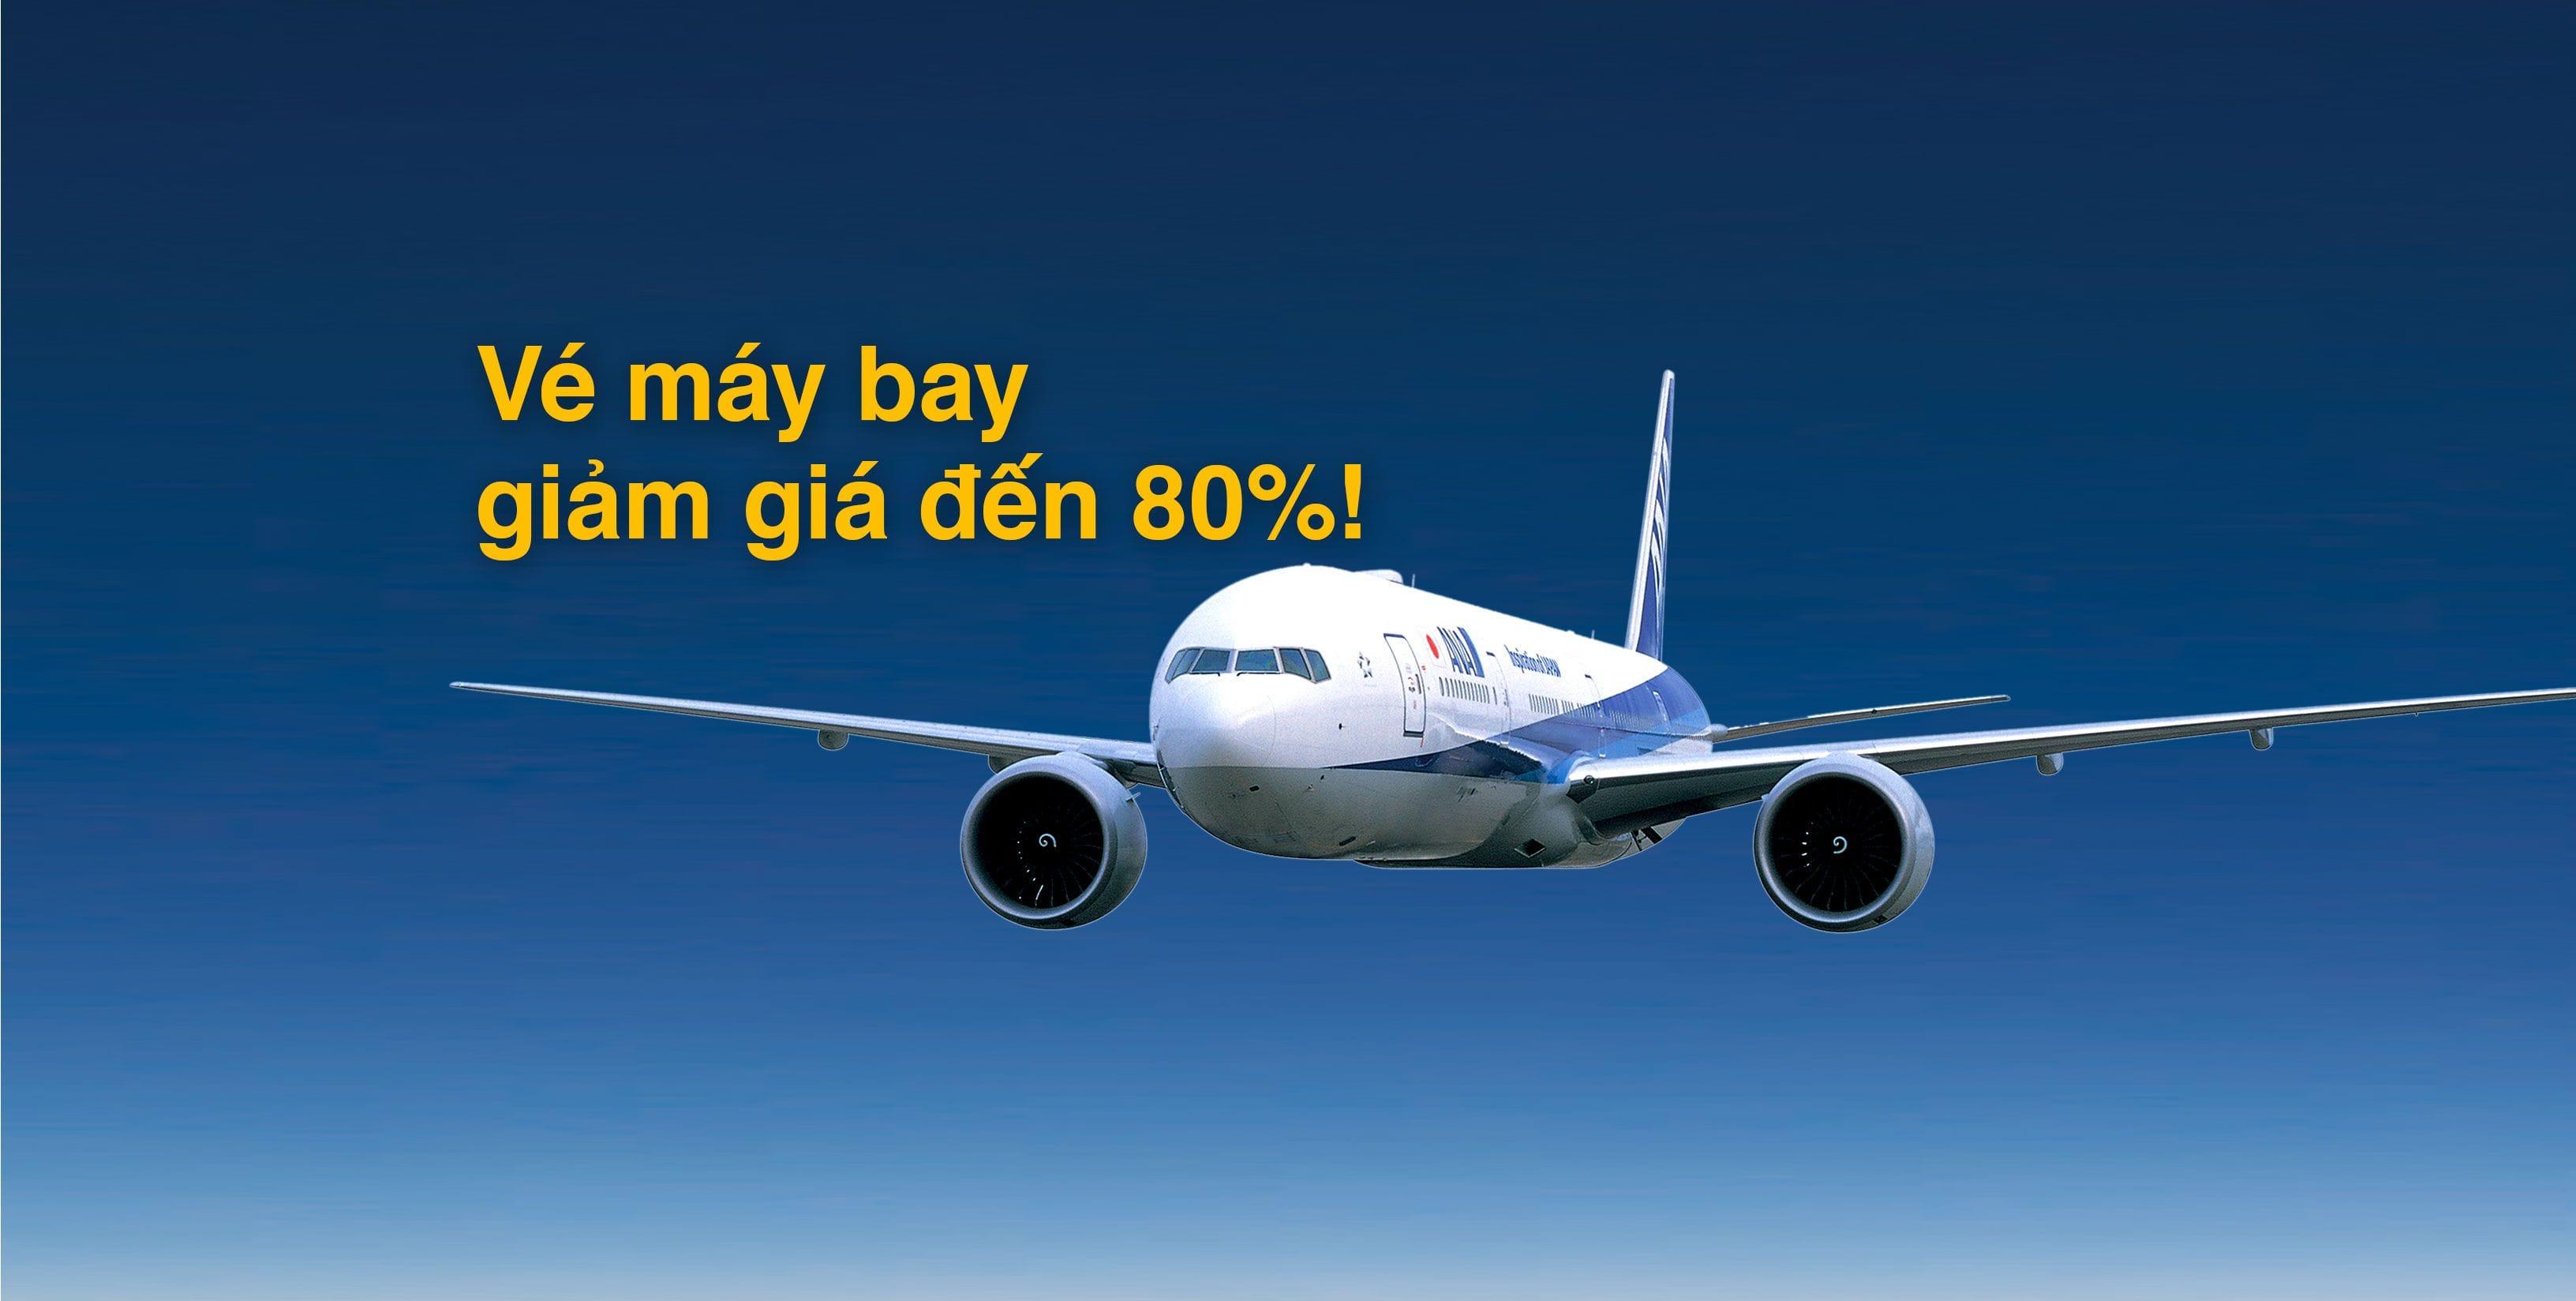 Vé máy bay giảm giá đến 80%! Vé máy bay giá rẻ của ANA cho các tuyến bay nội địa tại Nhật Bản